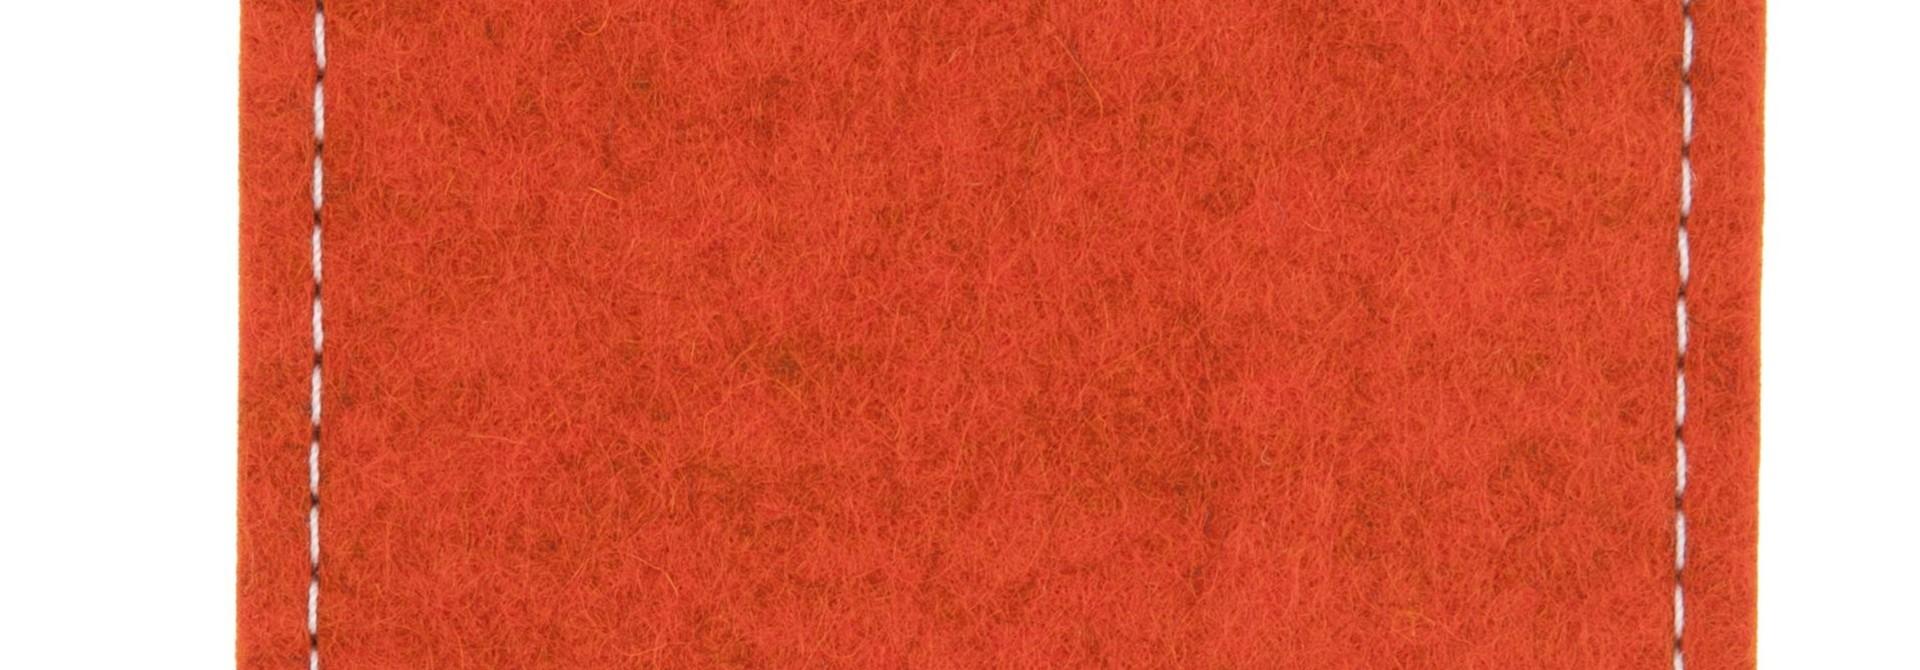 Galaxy Sleeve Rust